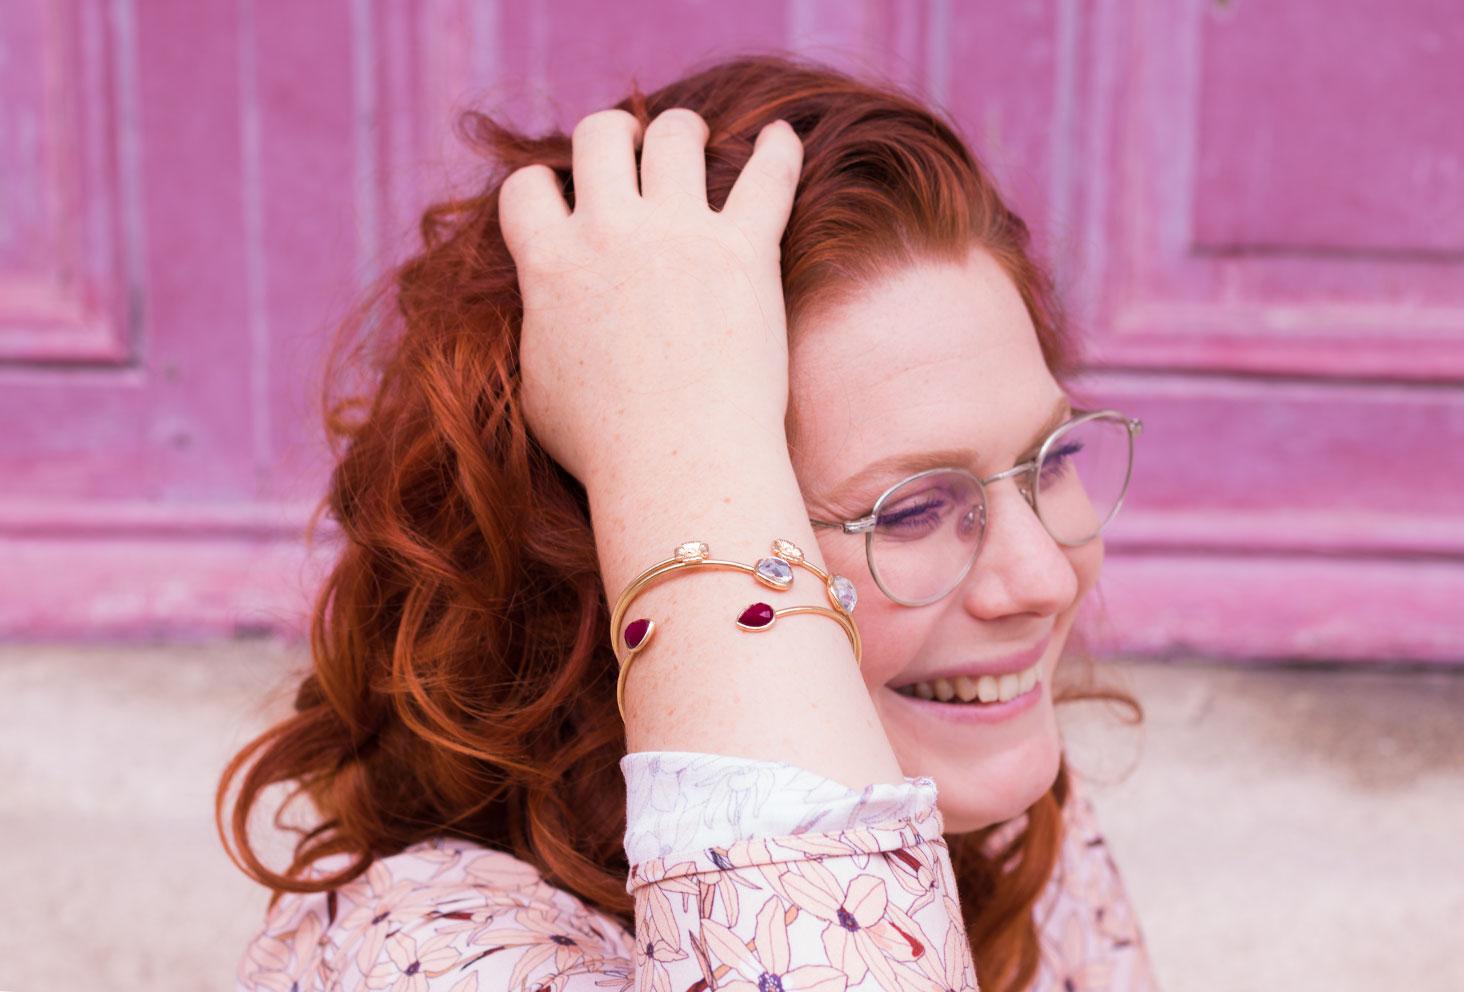 La main dans les cheveux, devant une porte rose, zoom sur les bracelets dorés MOA Paris